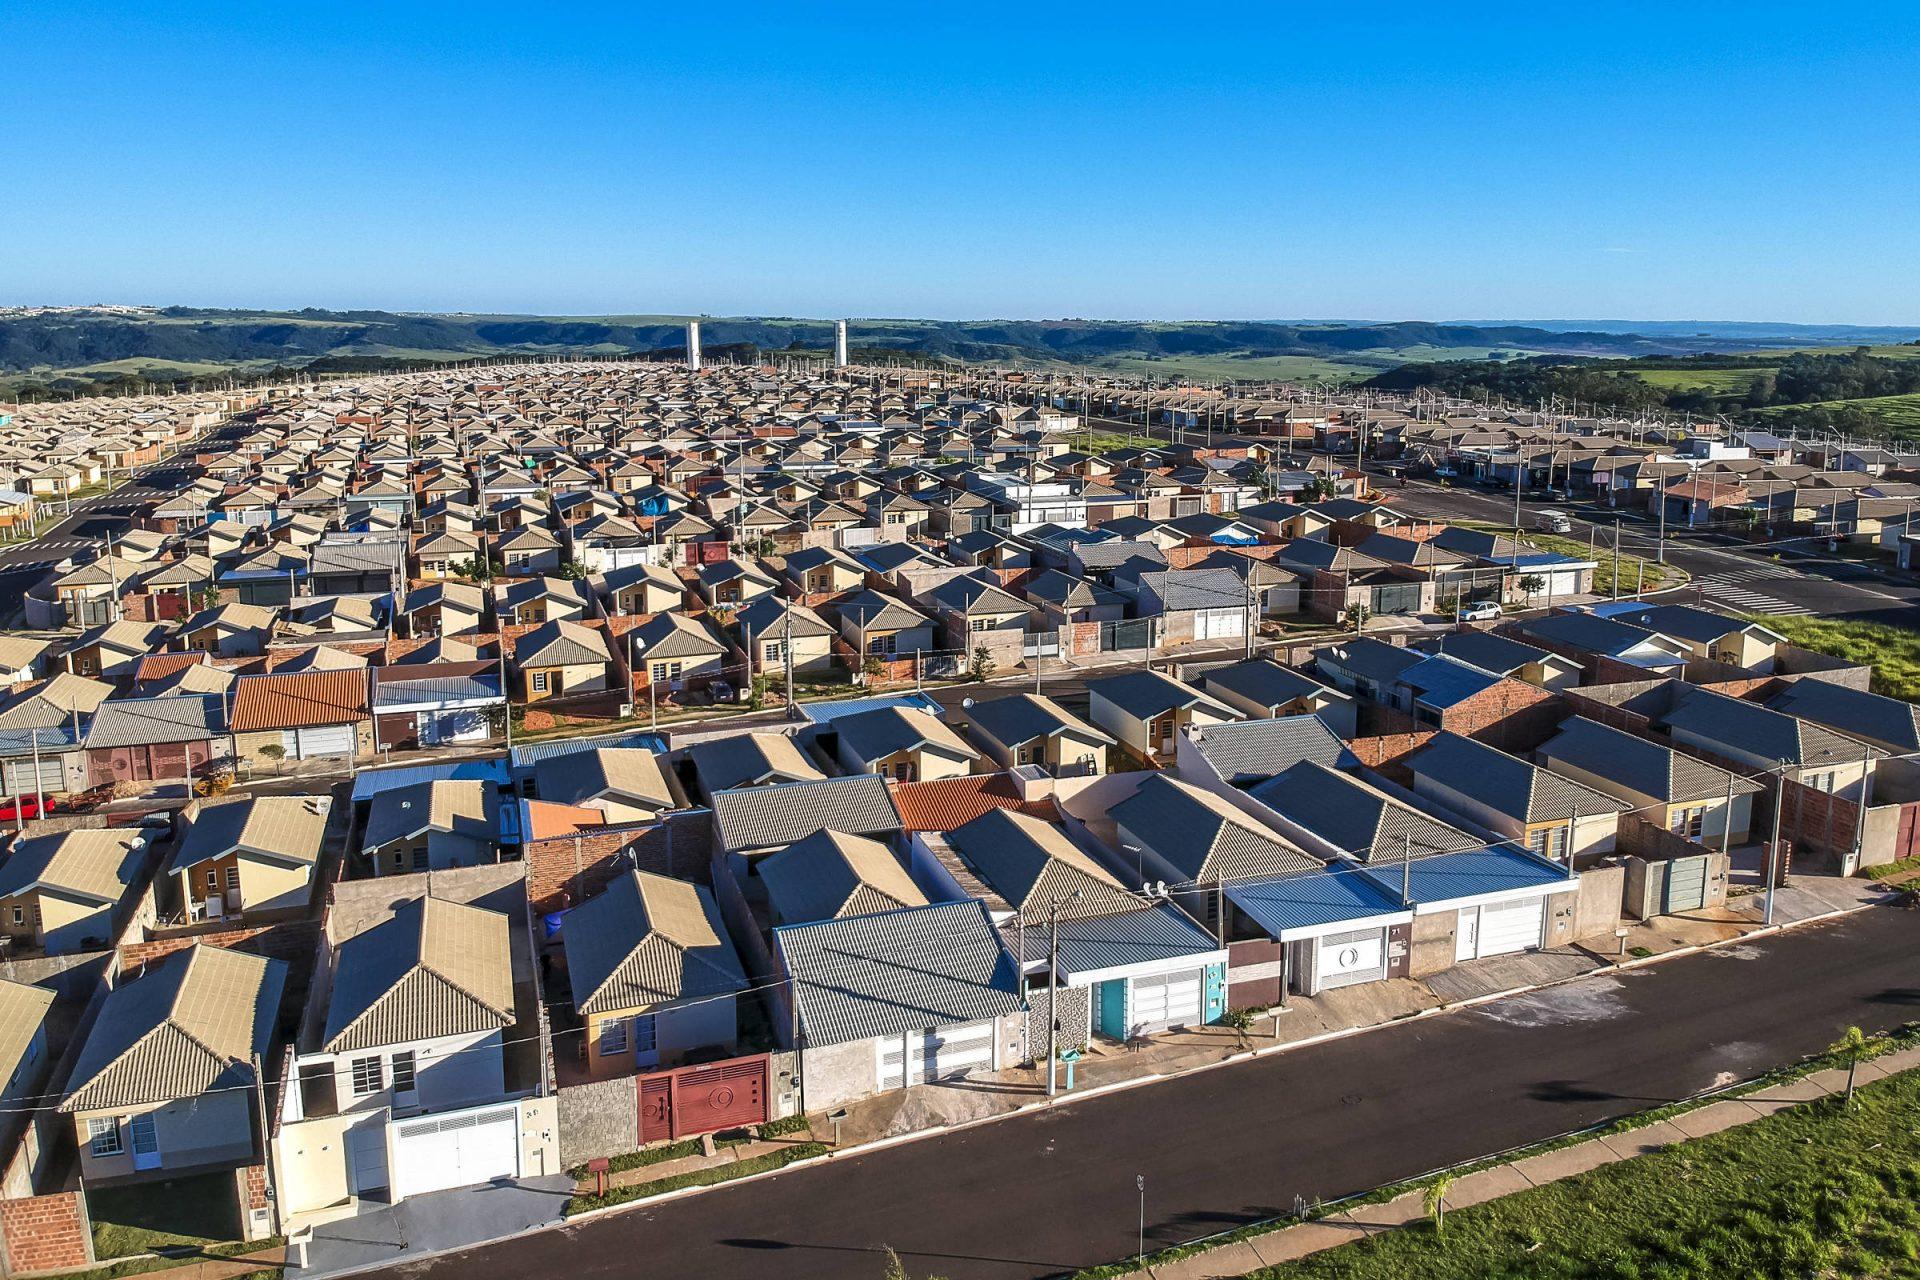 Déficit habitacional no Brasil: um problema e também uma oportunidade